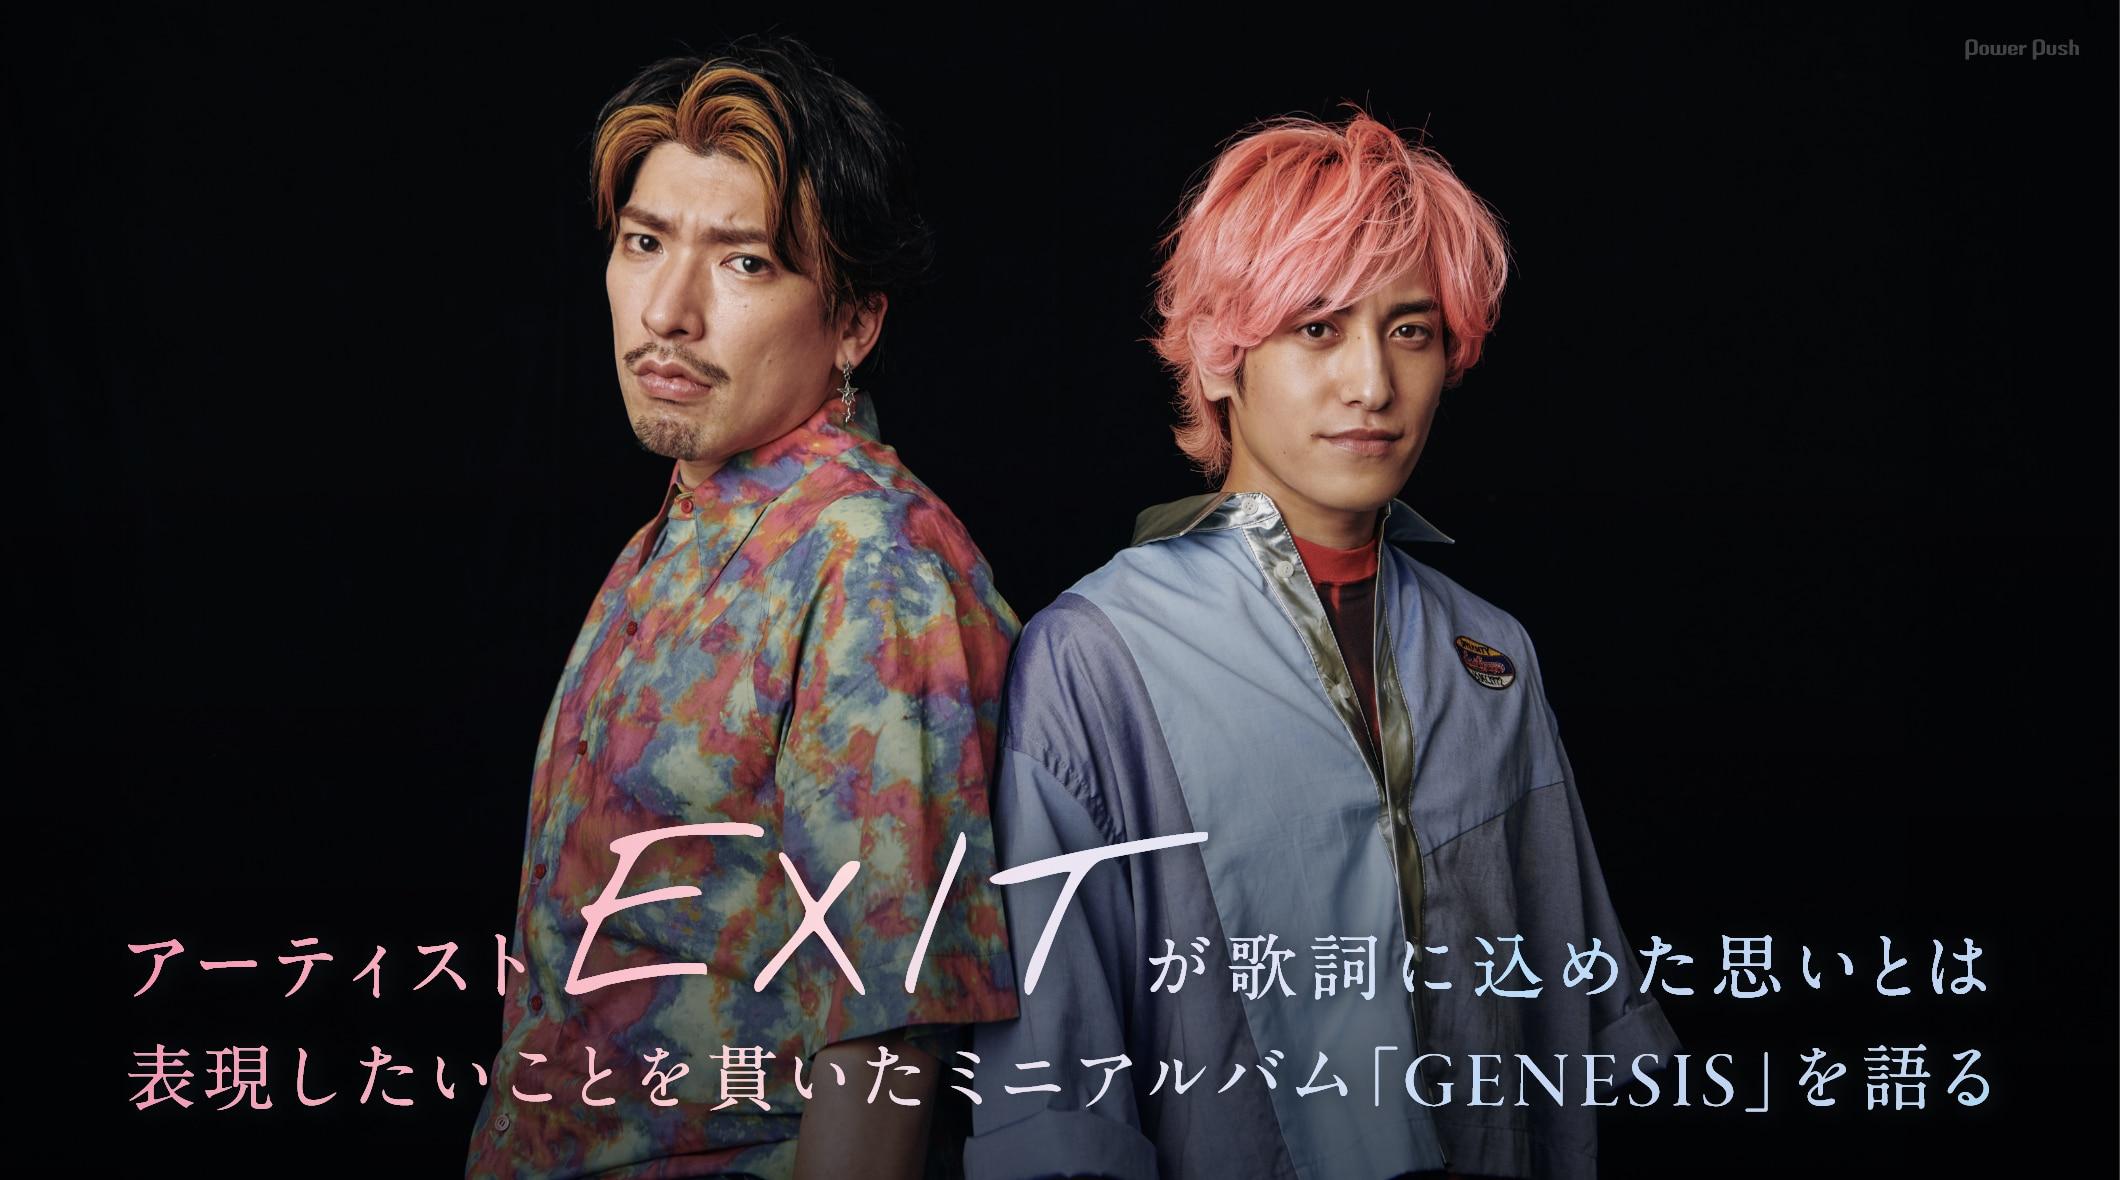 アーティストEXITが歌詞に込めた思いとは 表現したいことを貫いたミニアルバム「GENESIS」を語る